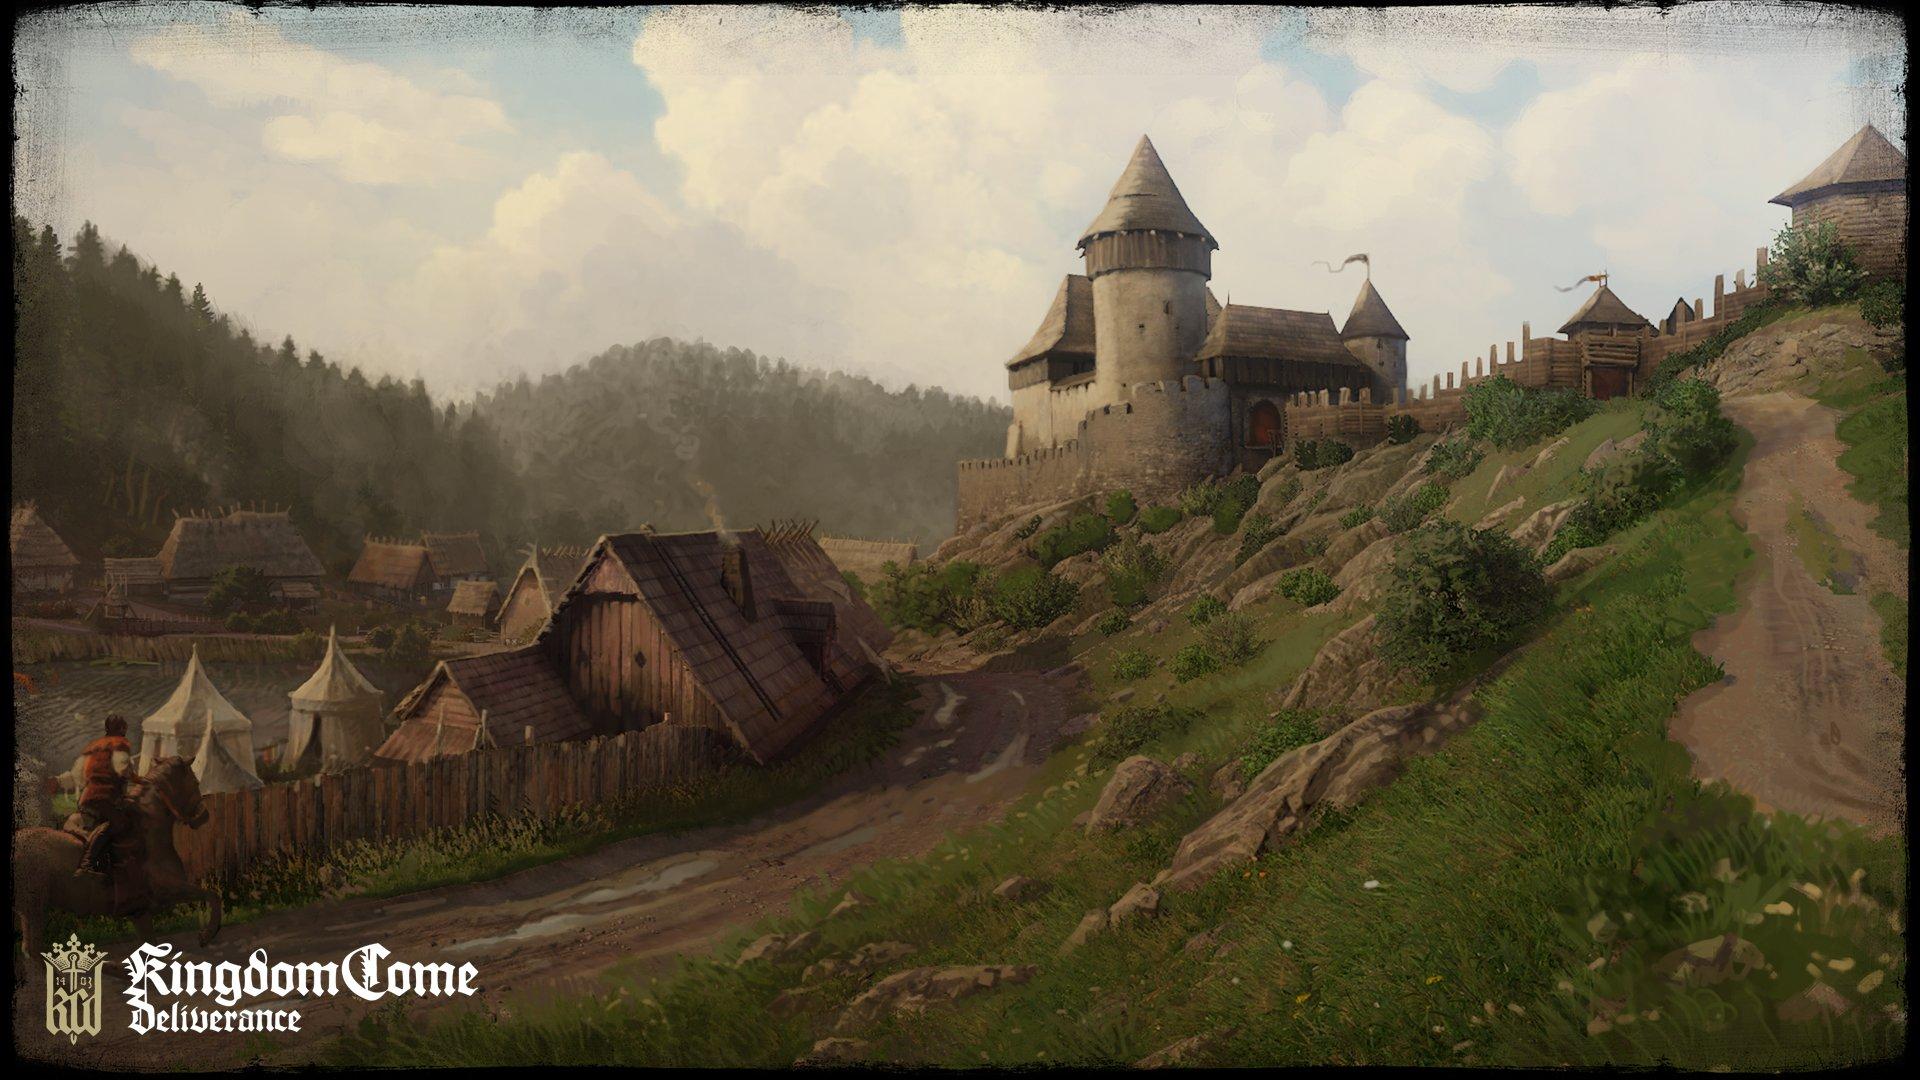 Koncepty ukazují nejen prostředí Kingdom Come: Deliverance 152759